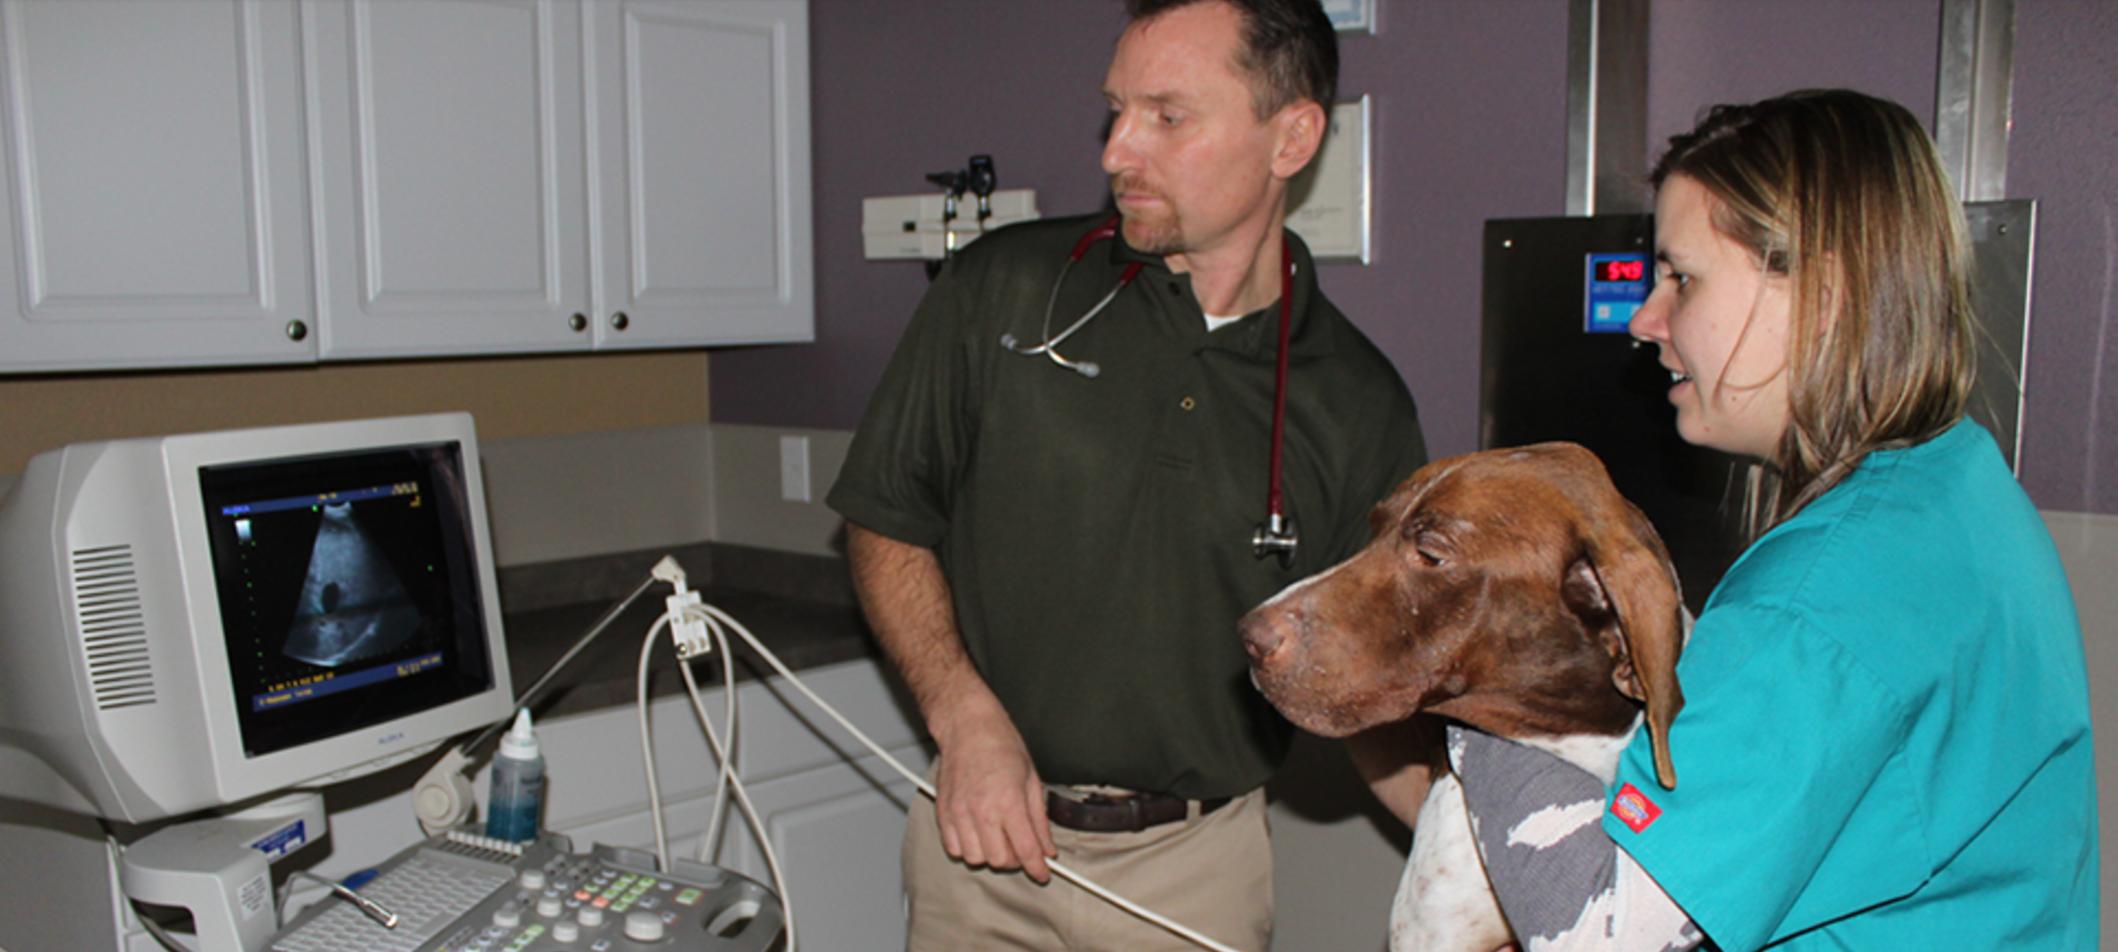 Managed IT Case Study: Lake Geneva Animal Hospital